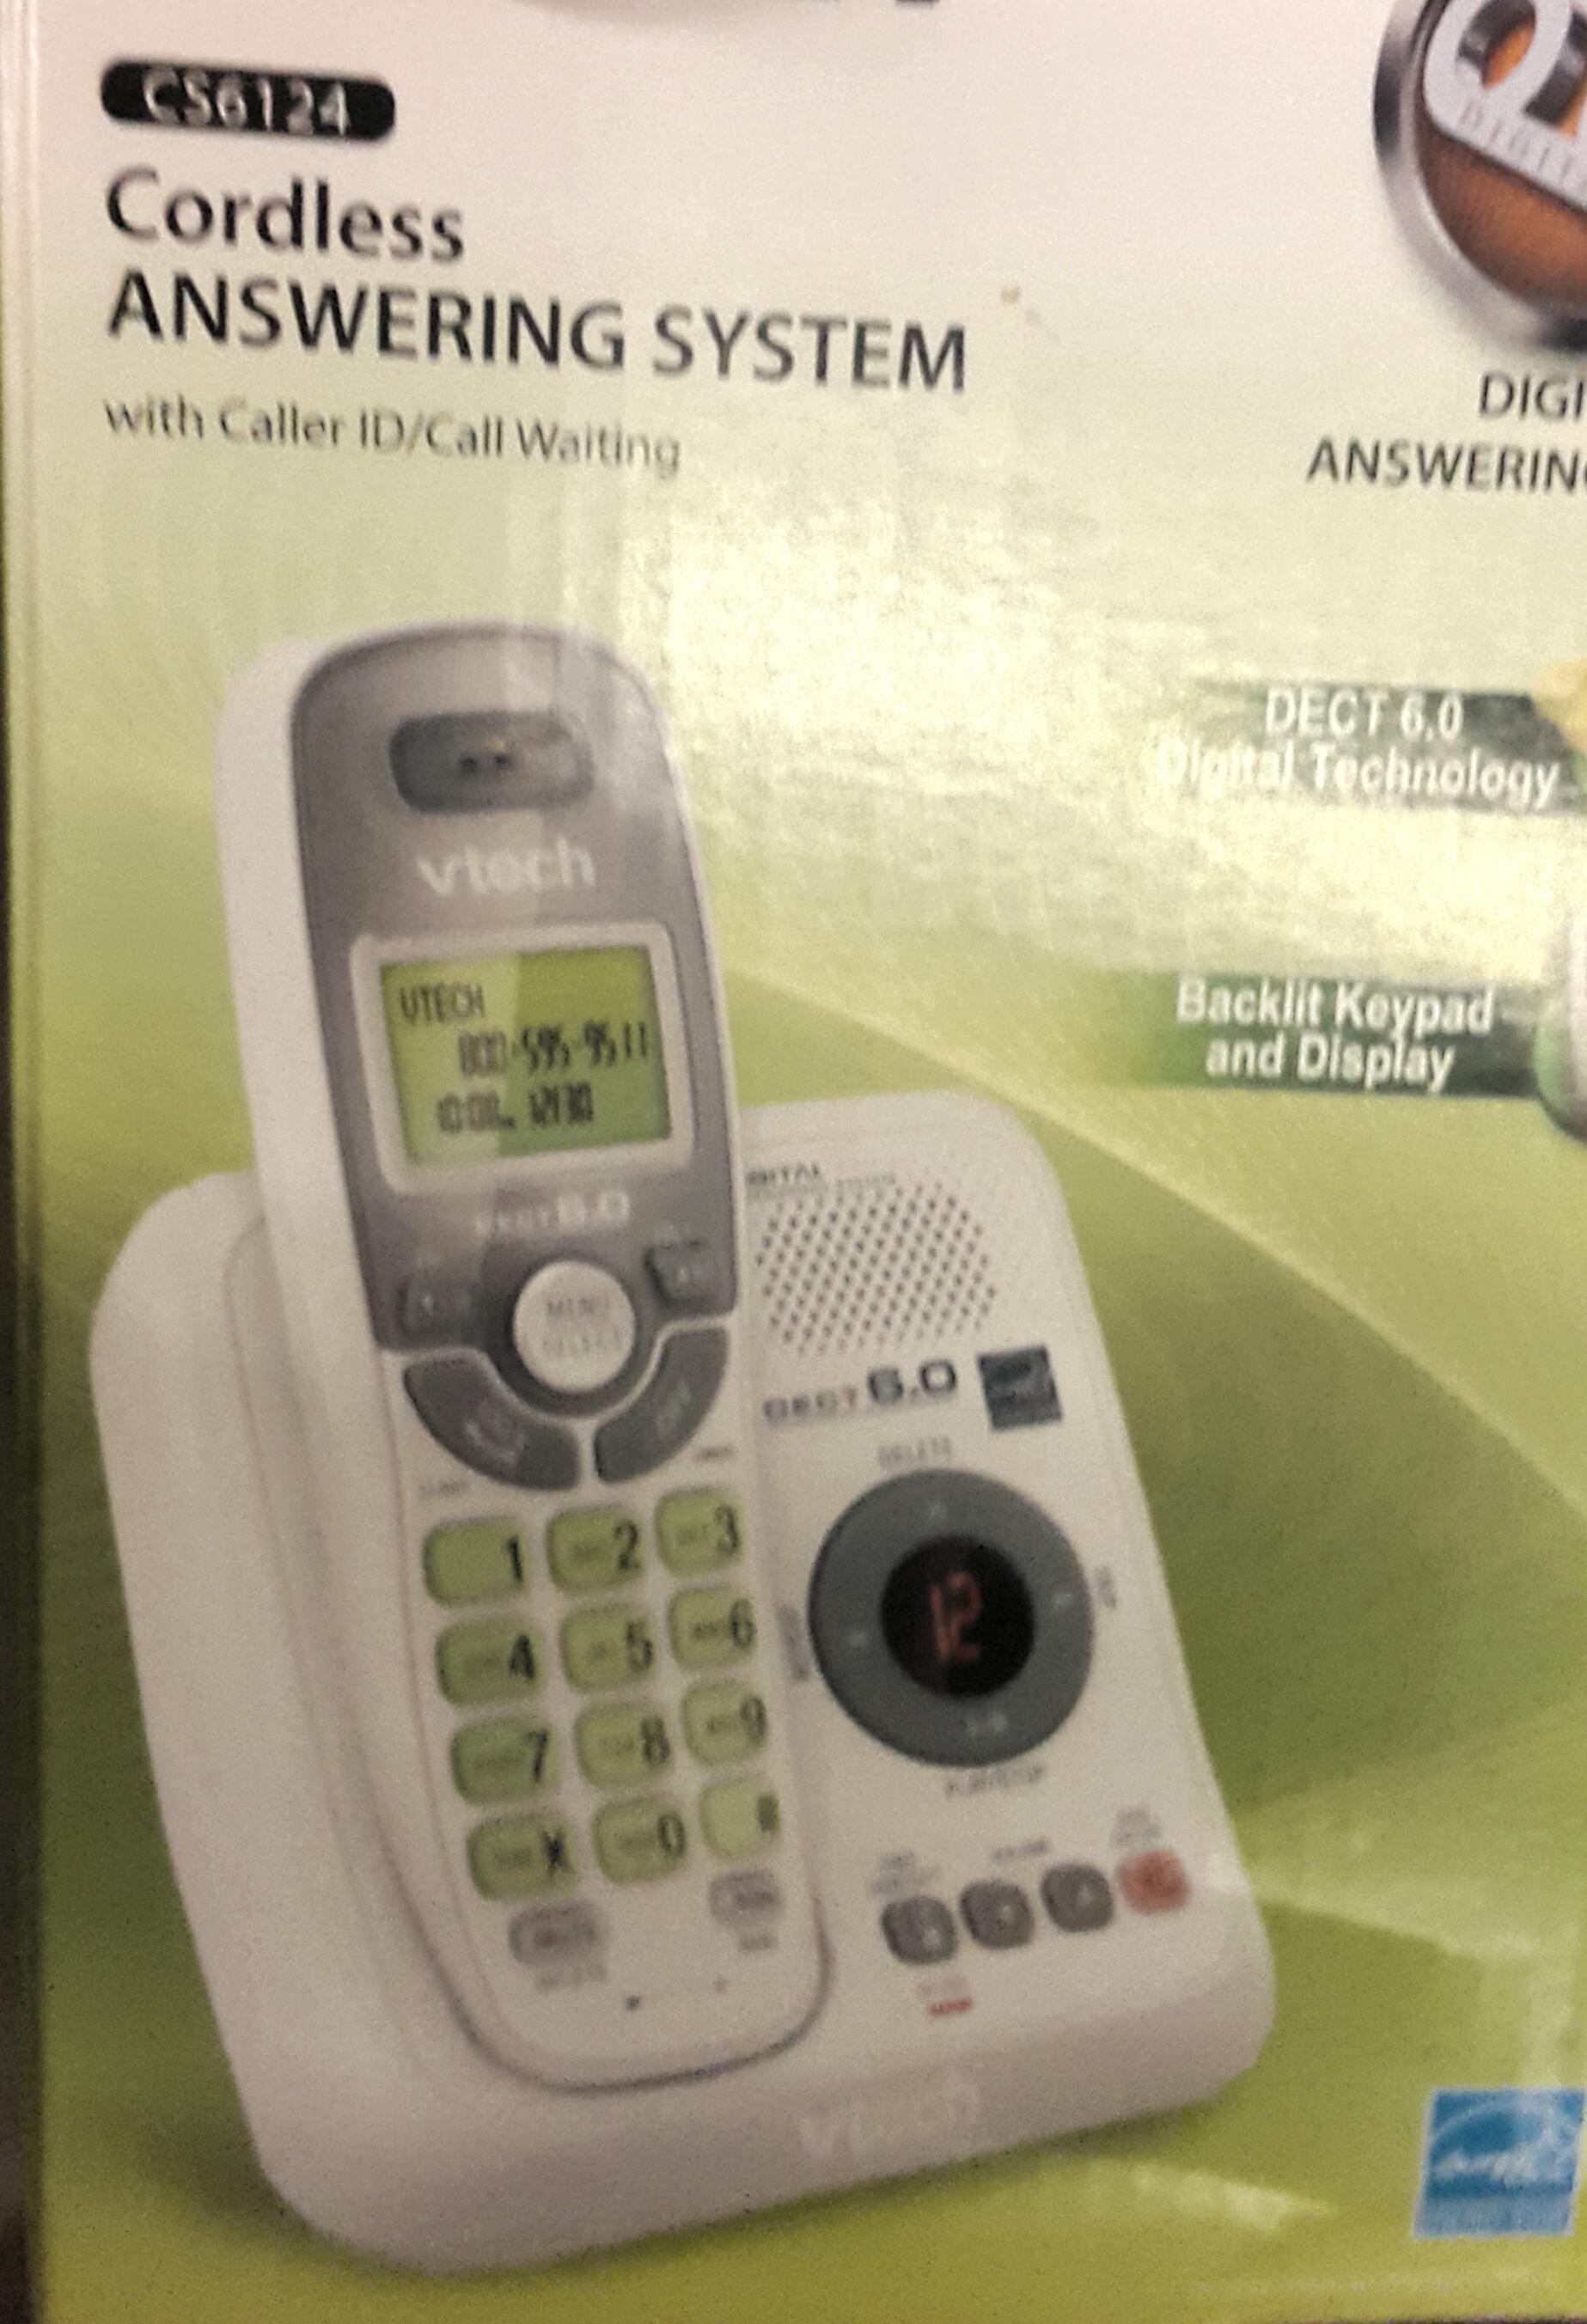 Bodega Aurrerá: teléfono inalámbrico VTech CS6124 a $170